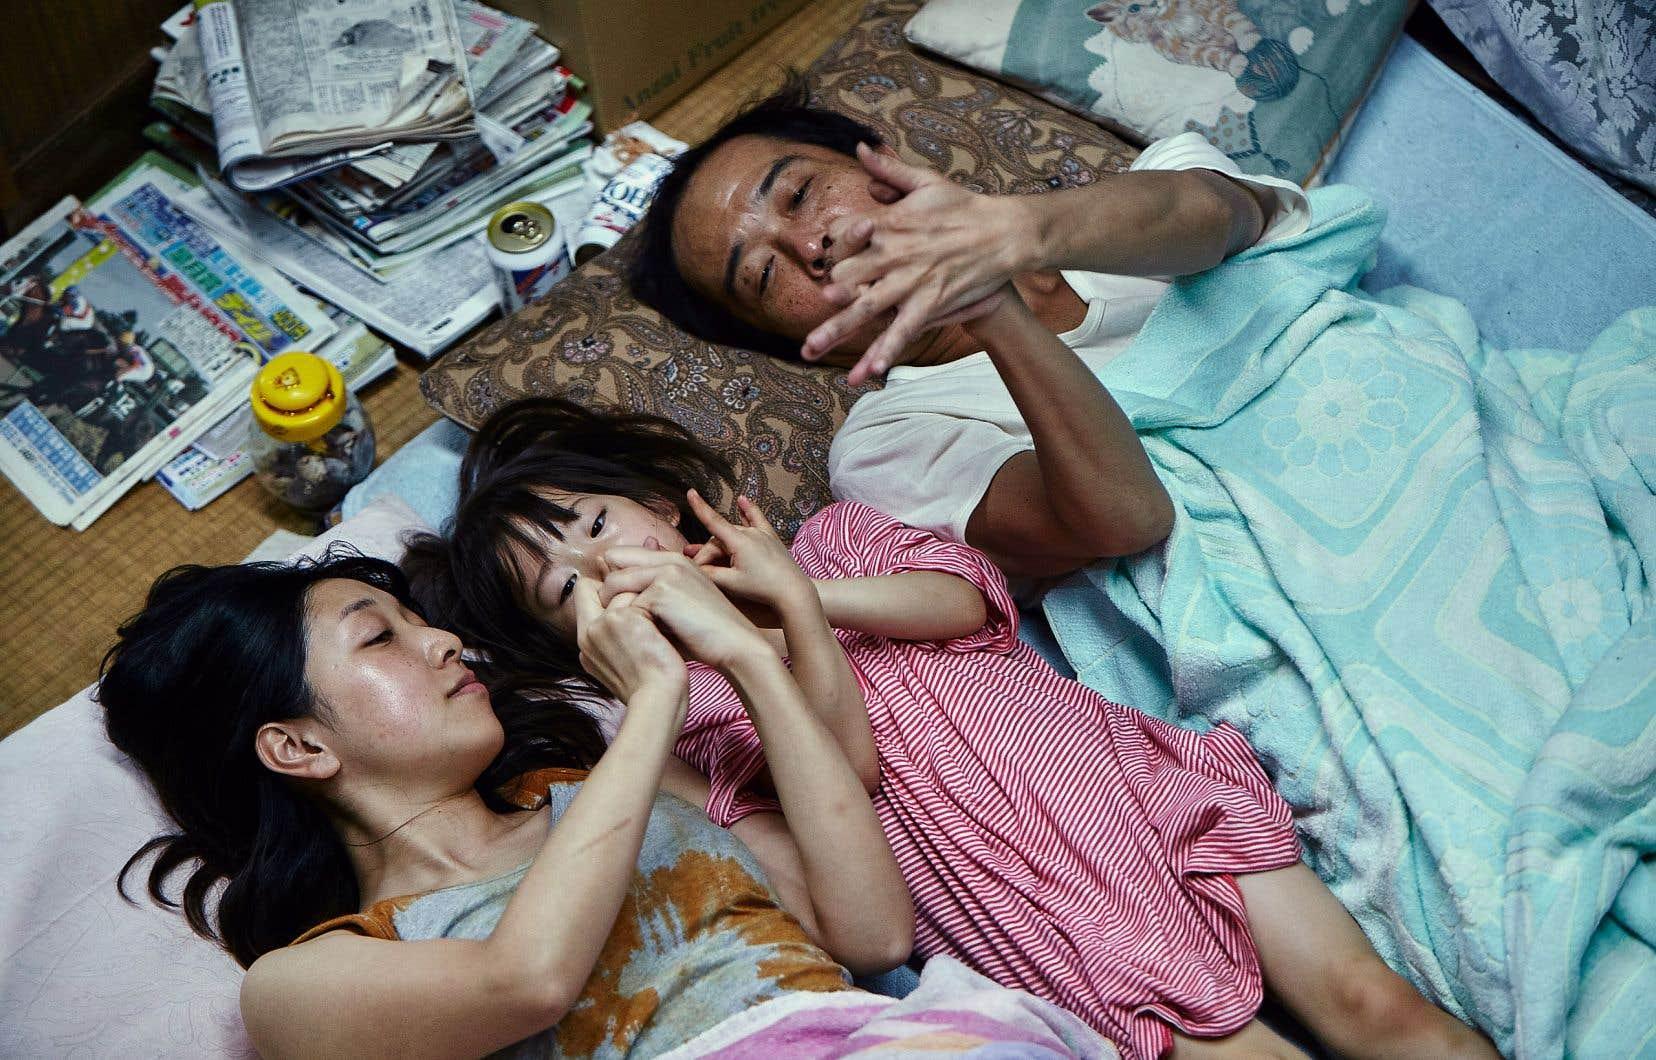 La famille que le réalisateur met en scène dans «Shoplifters» répond en surface au modèle traditionnel nippon des trois générations vivant sous le même toit.